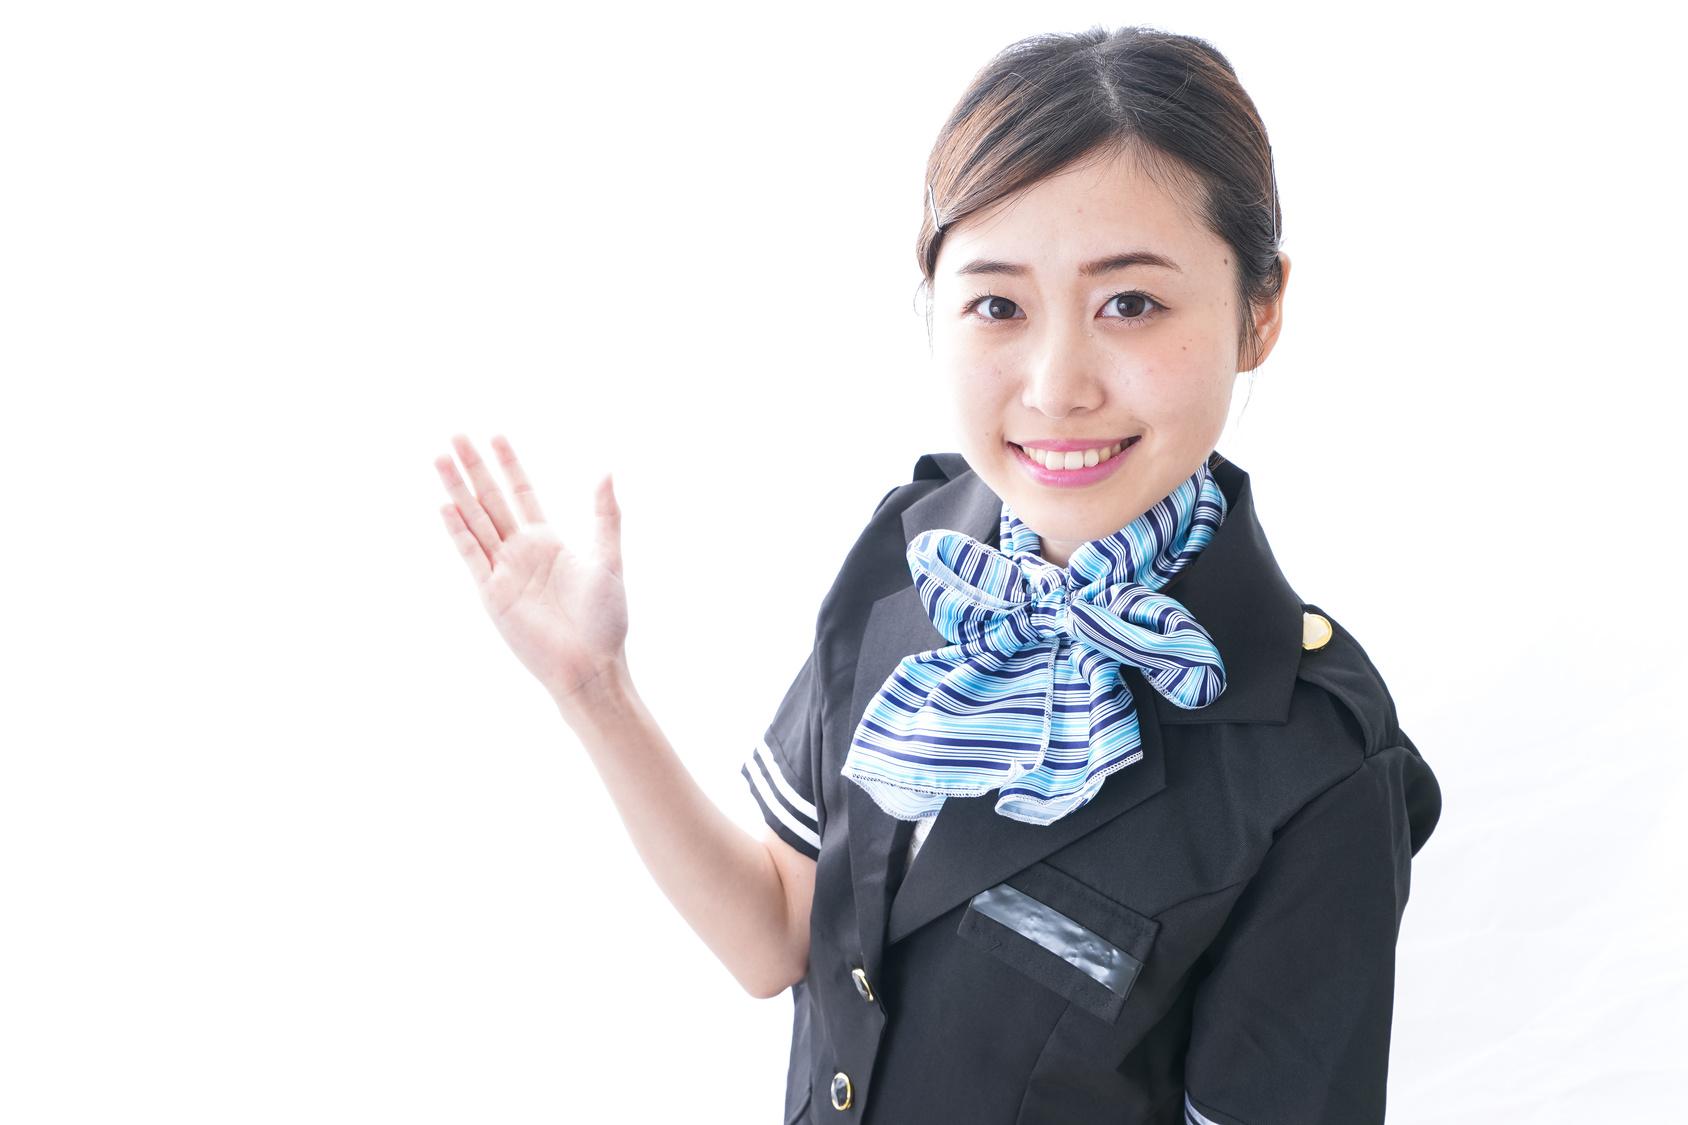 客室乗務員が使う「接客英語」は?状況に合わせたフレーズ例をご紹介